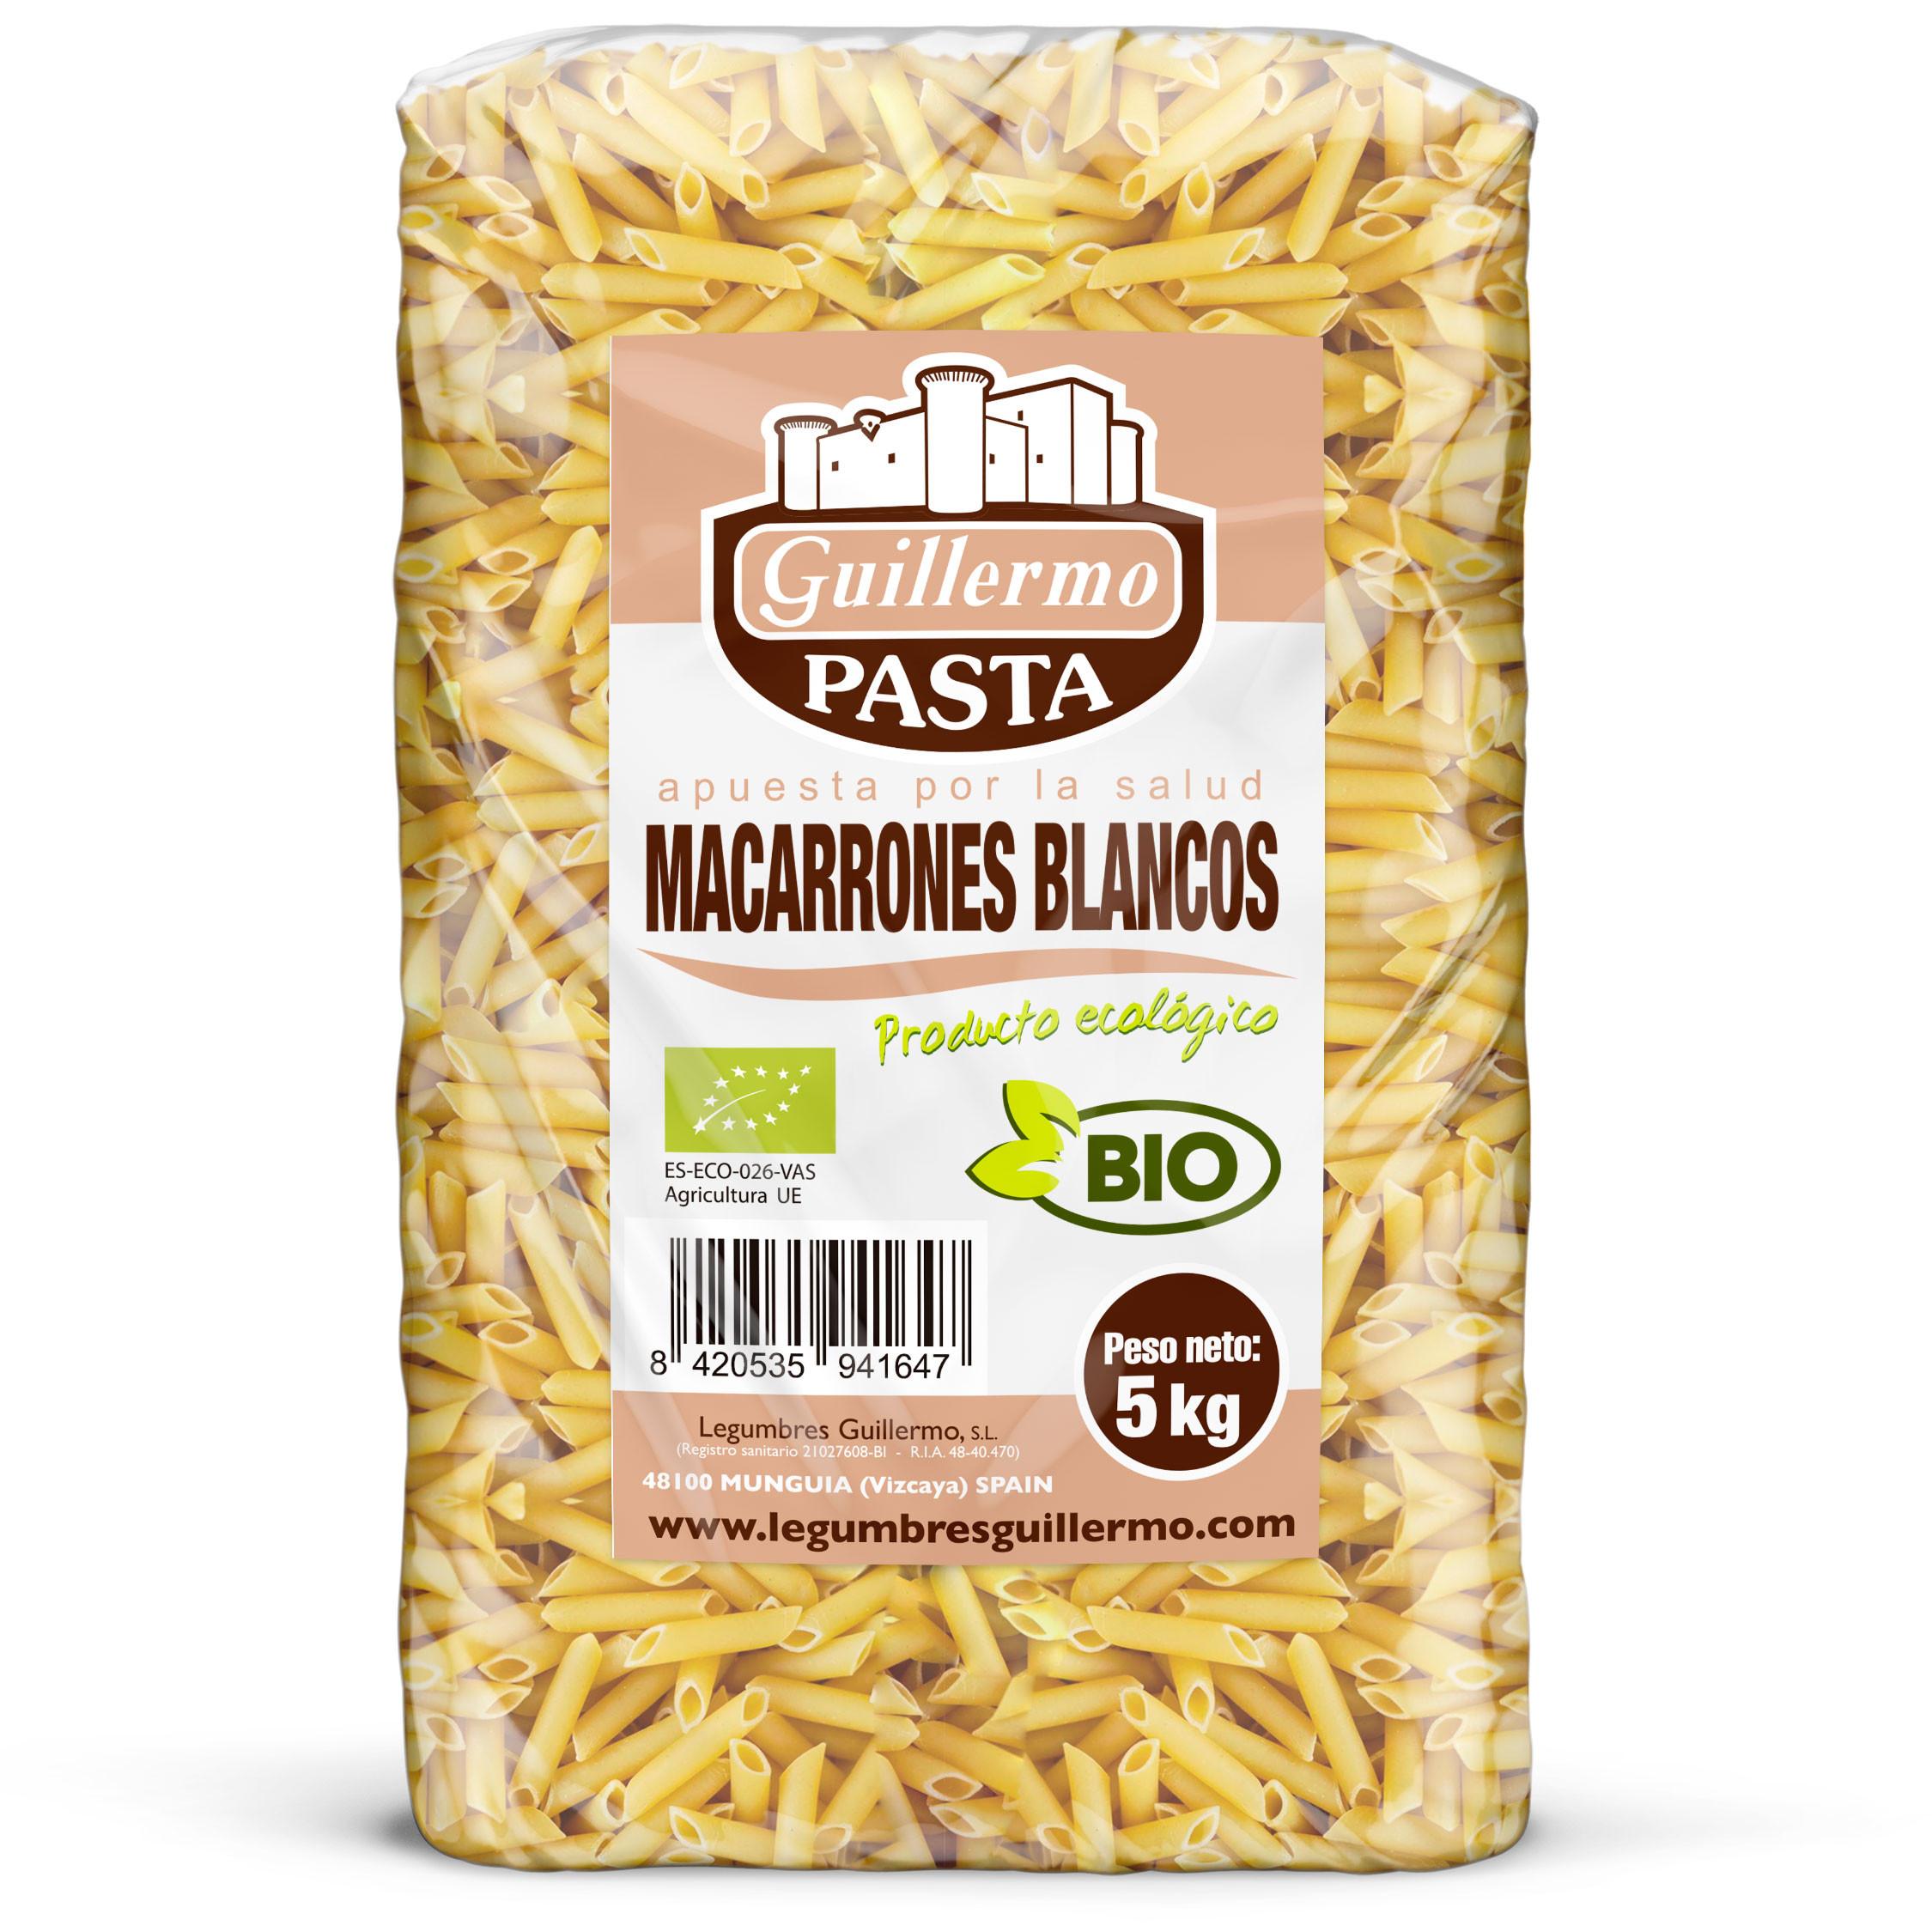 Guillermo Horeca Macarrones Blancos Ecológicos BIO Granel 5kg